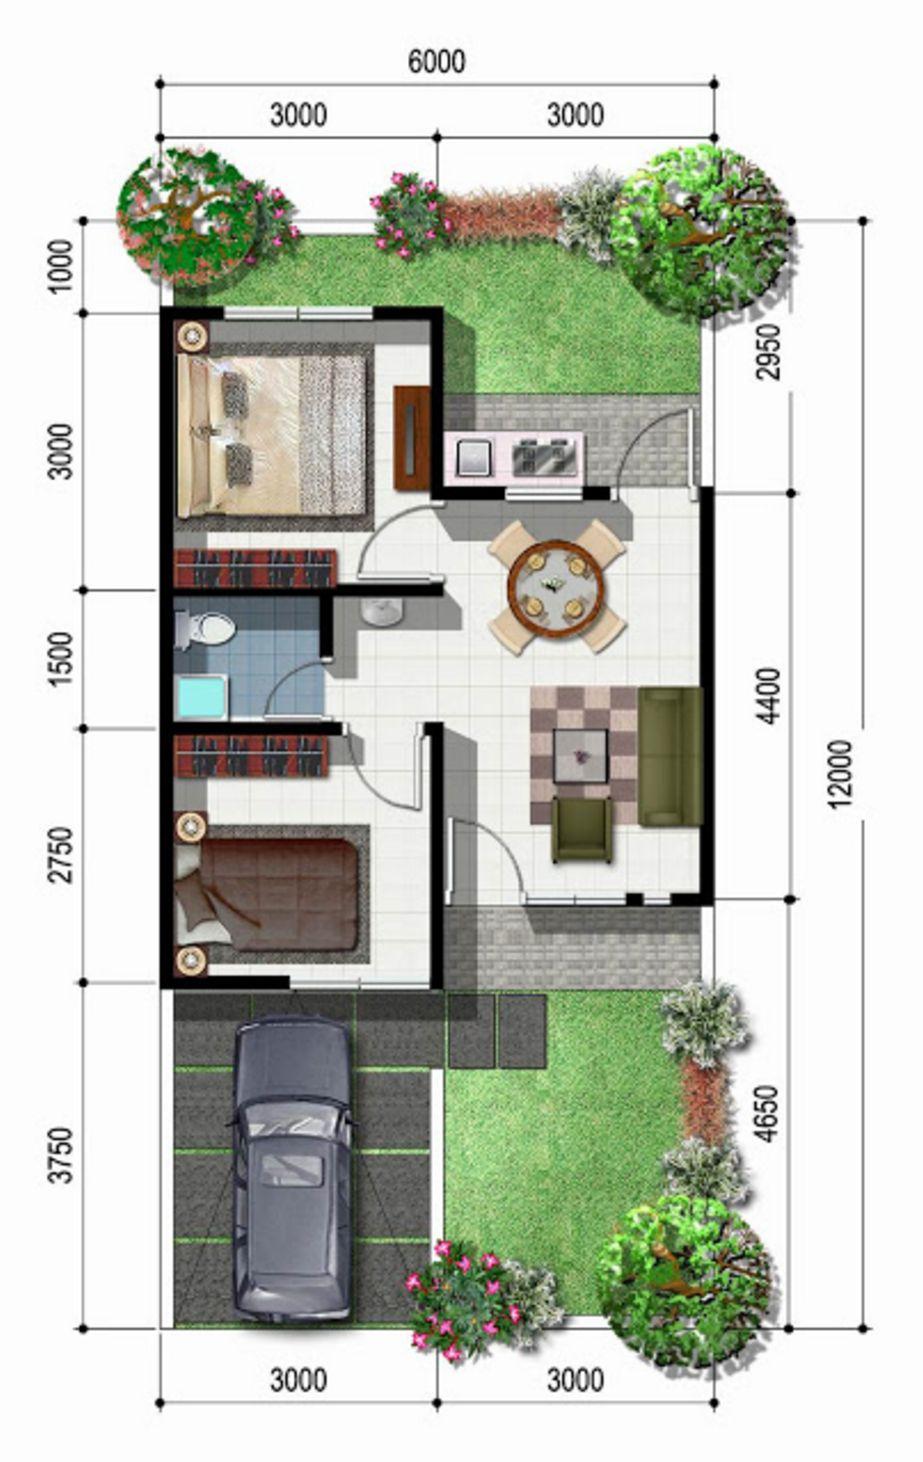 desain denah rumah type45 tampak atas yang bagus